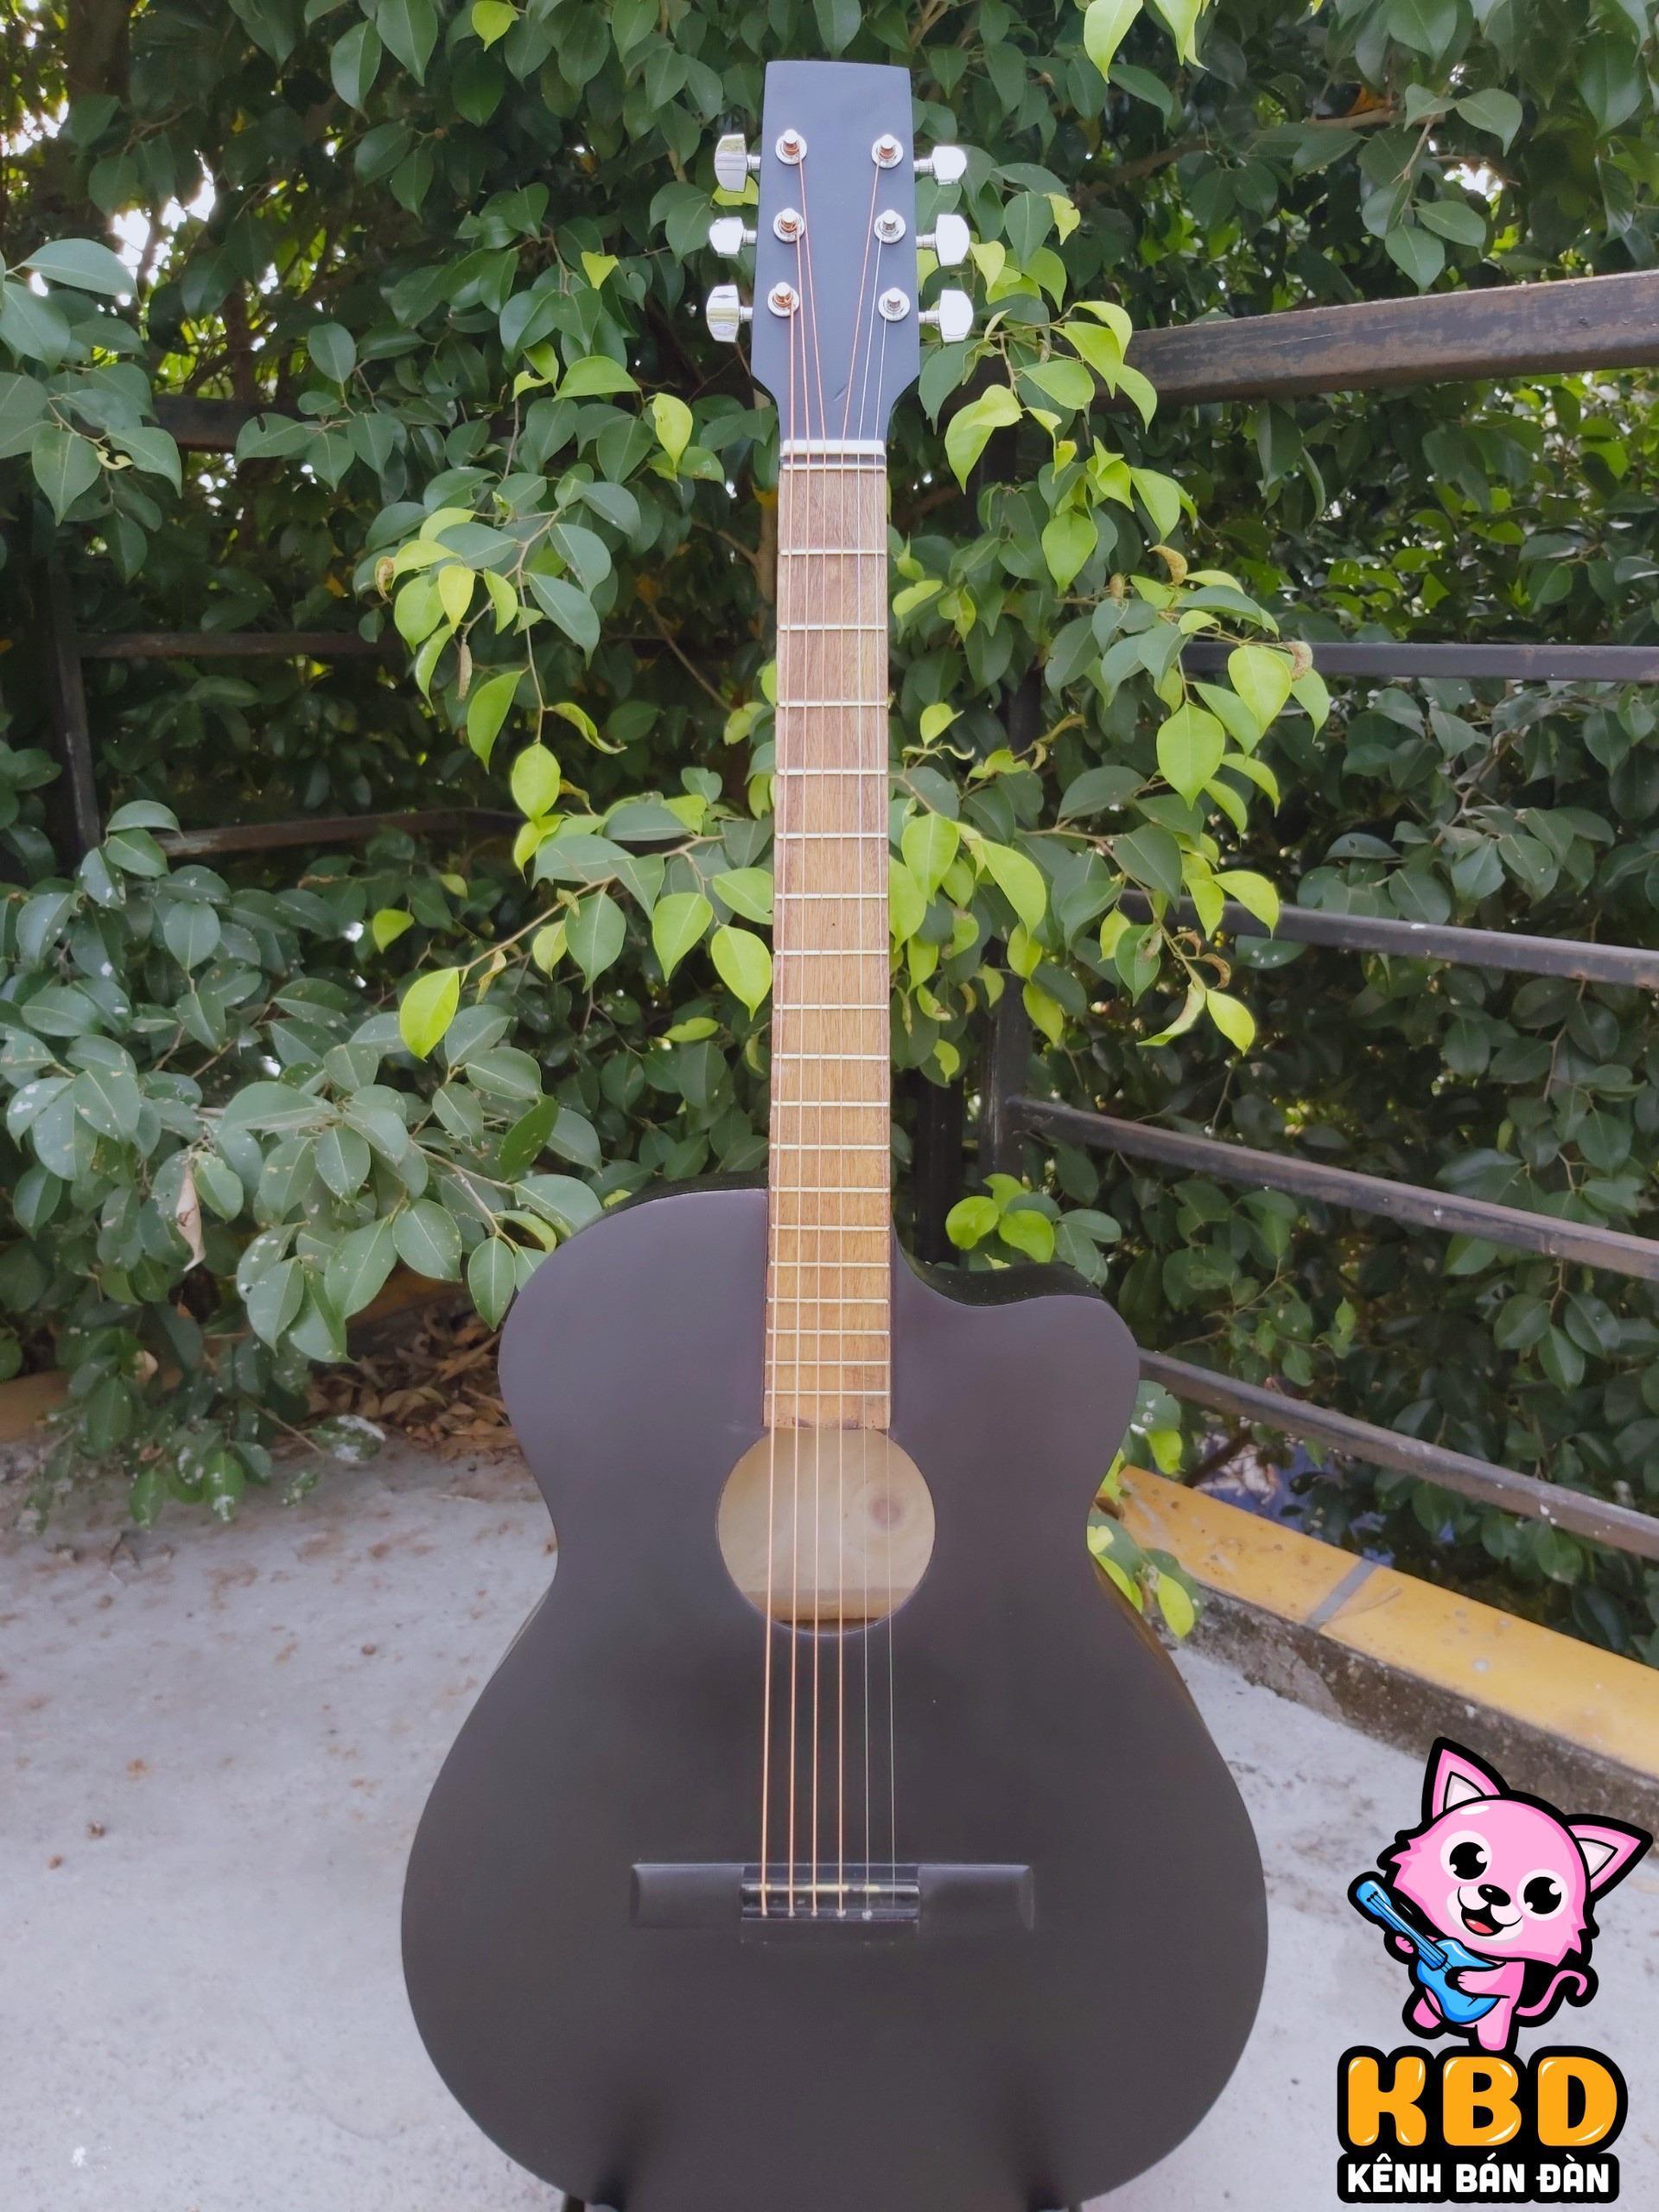 [TẶNG KHÓA HỌC ĐÀN] Đàn guitar Đen Nhám HAK1 + tặng kèm bao đàn 1 lớp + capo + pick và dây 1